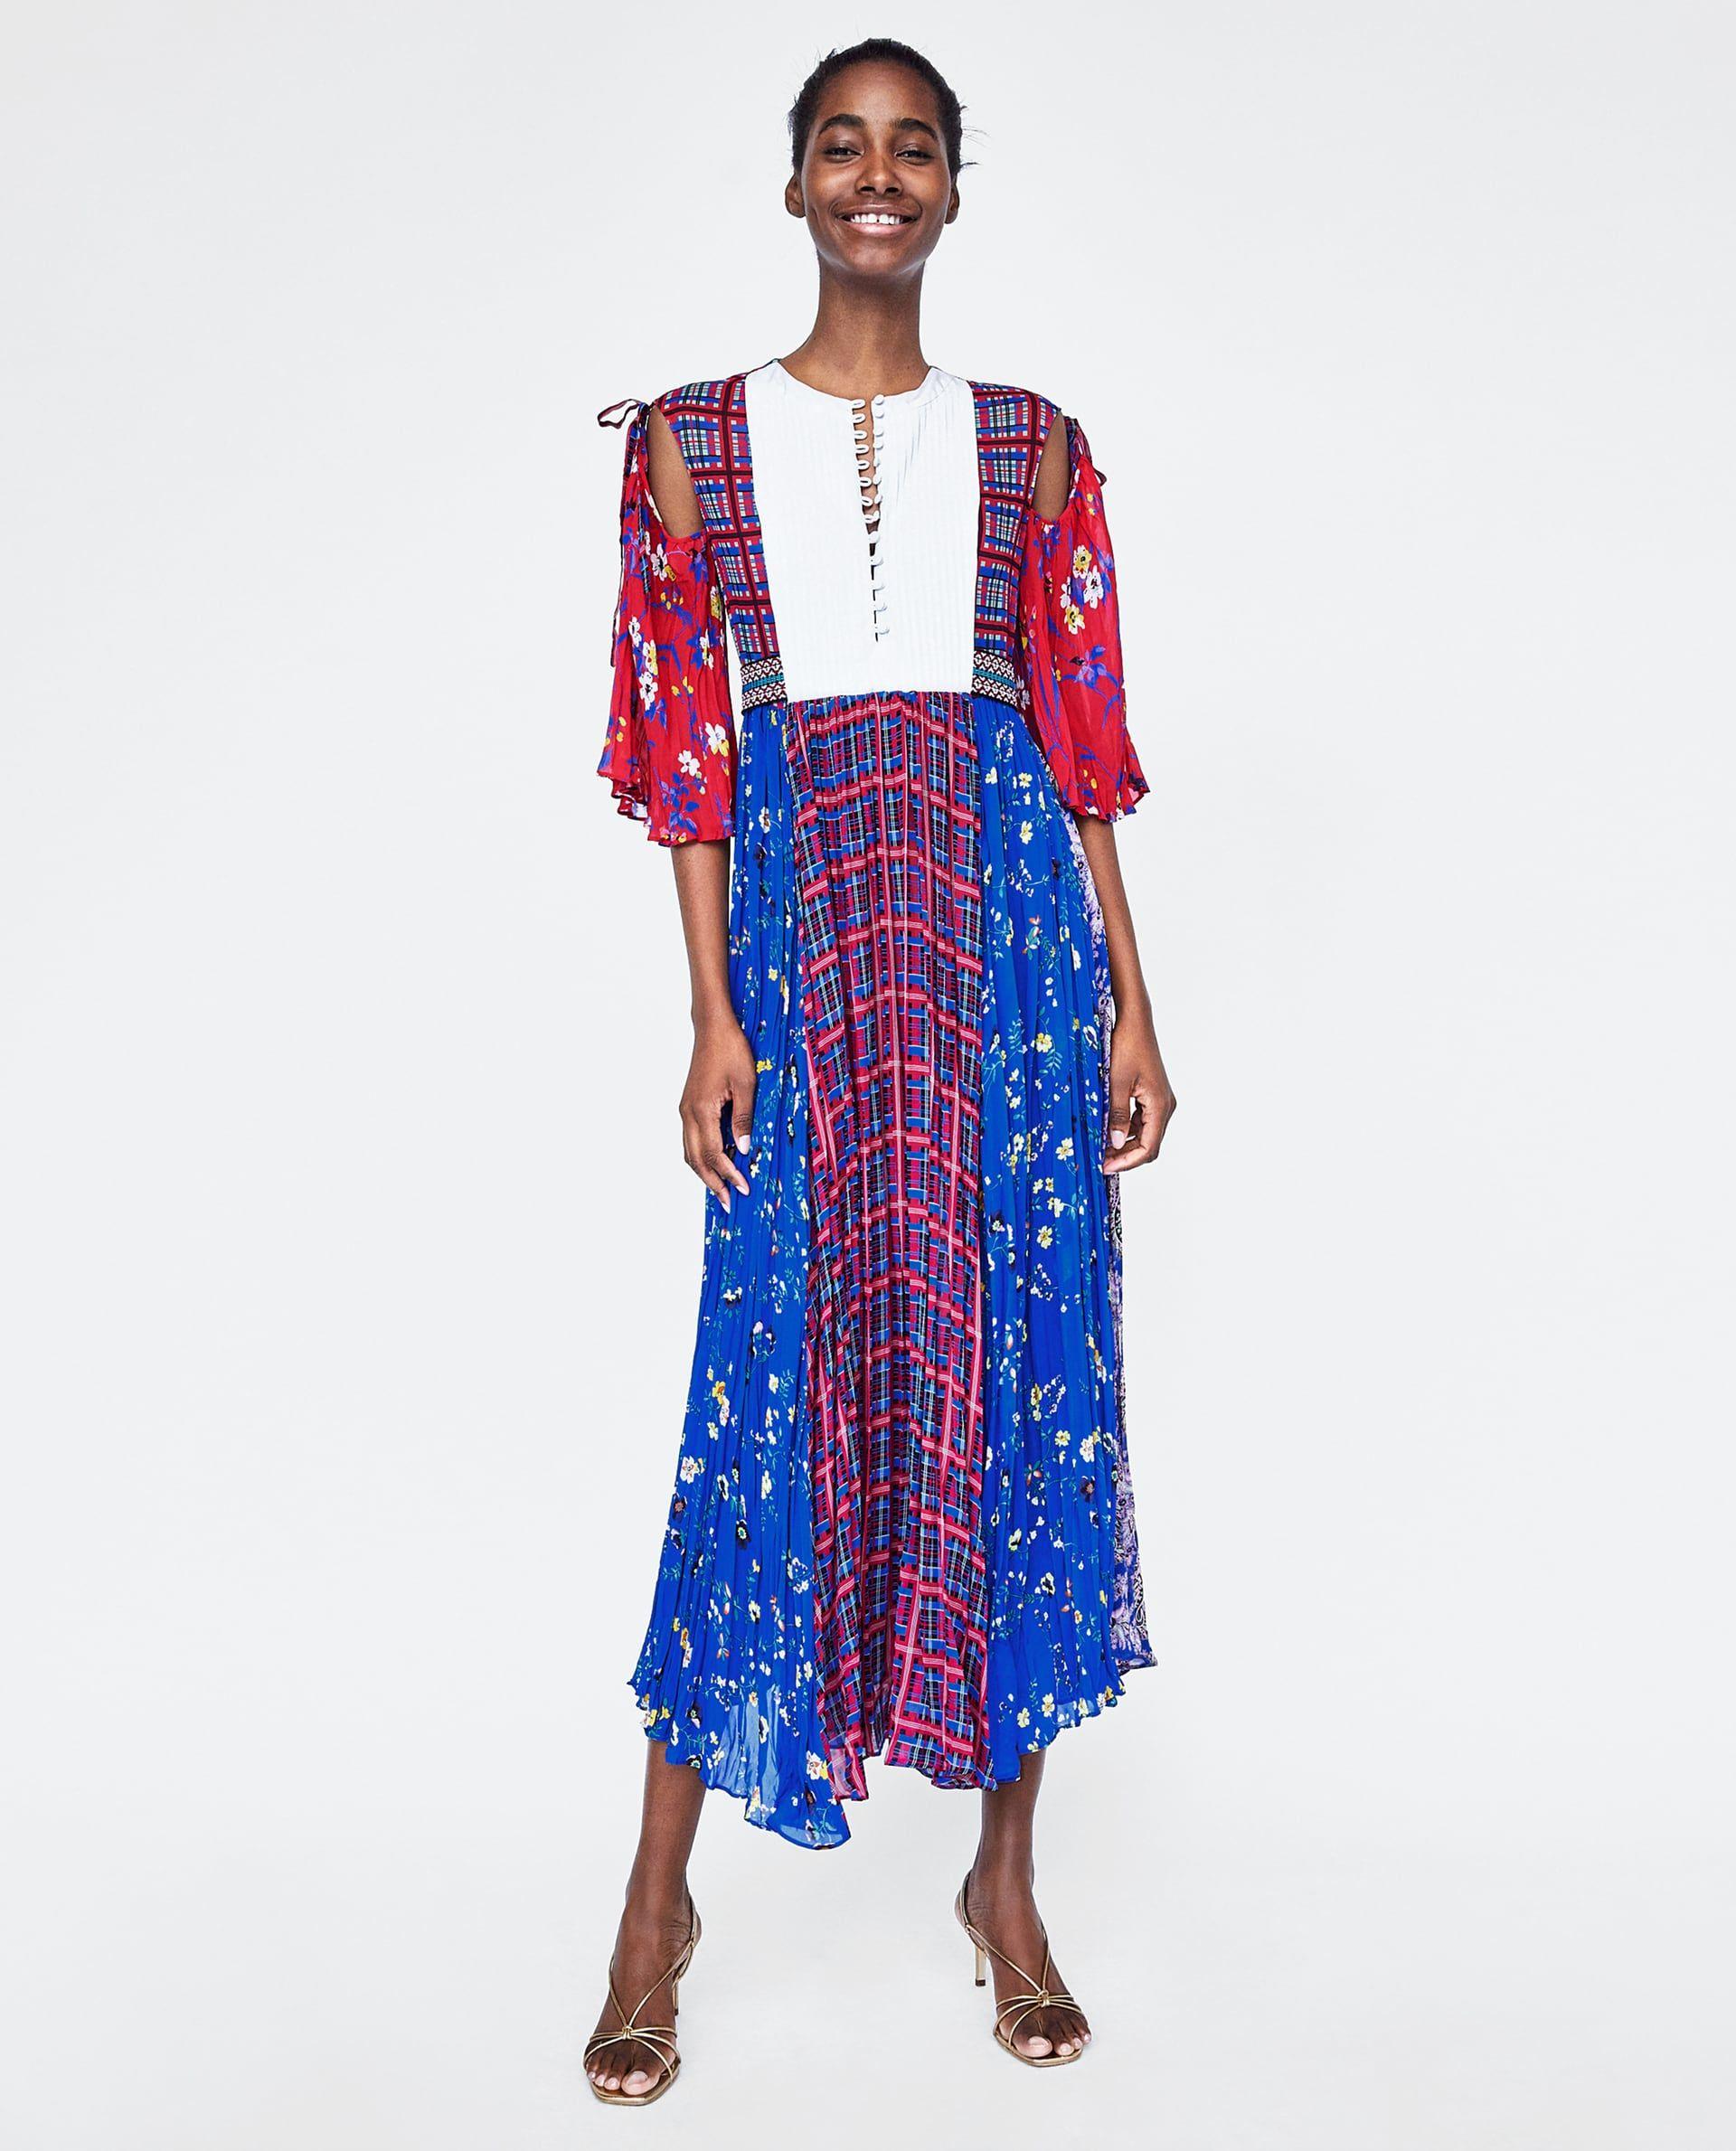 Estampado Imagen De Combinado Zara 1 Vestido Fl1TKJc